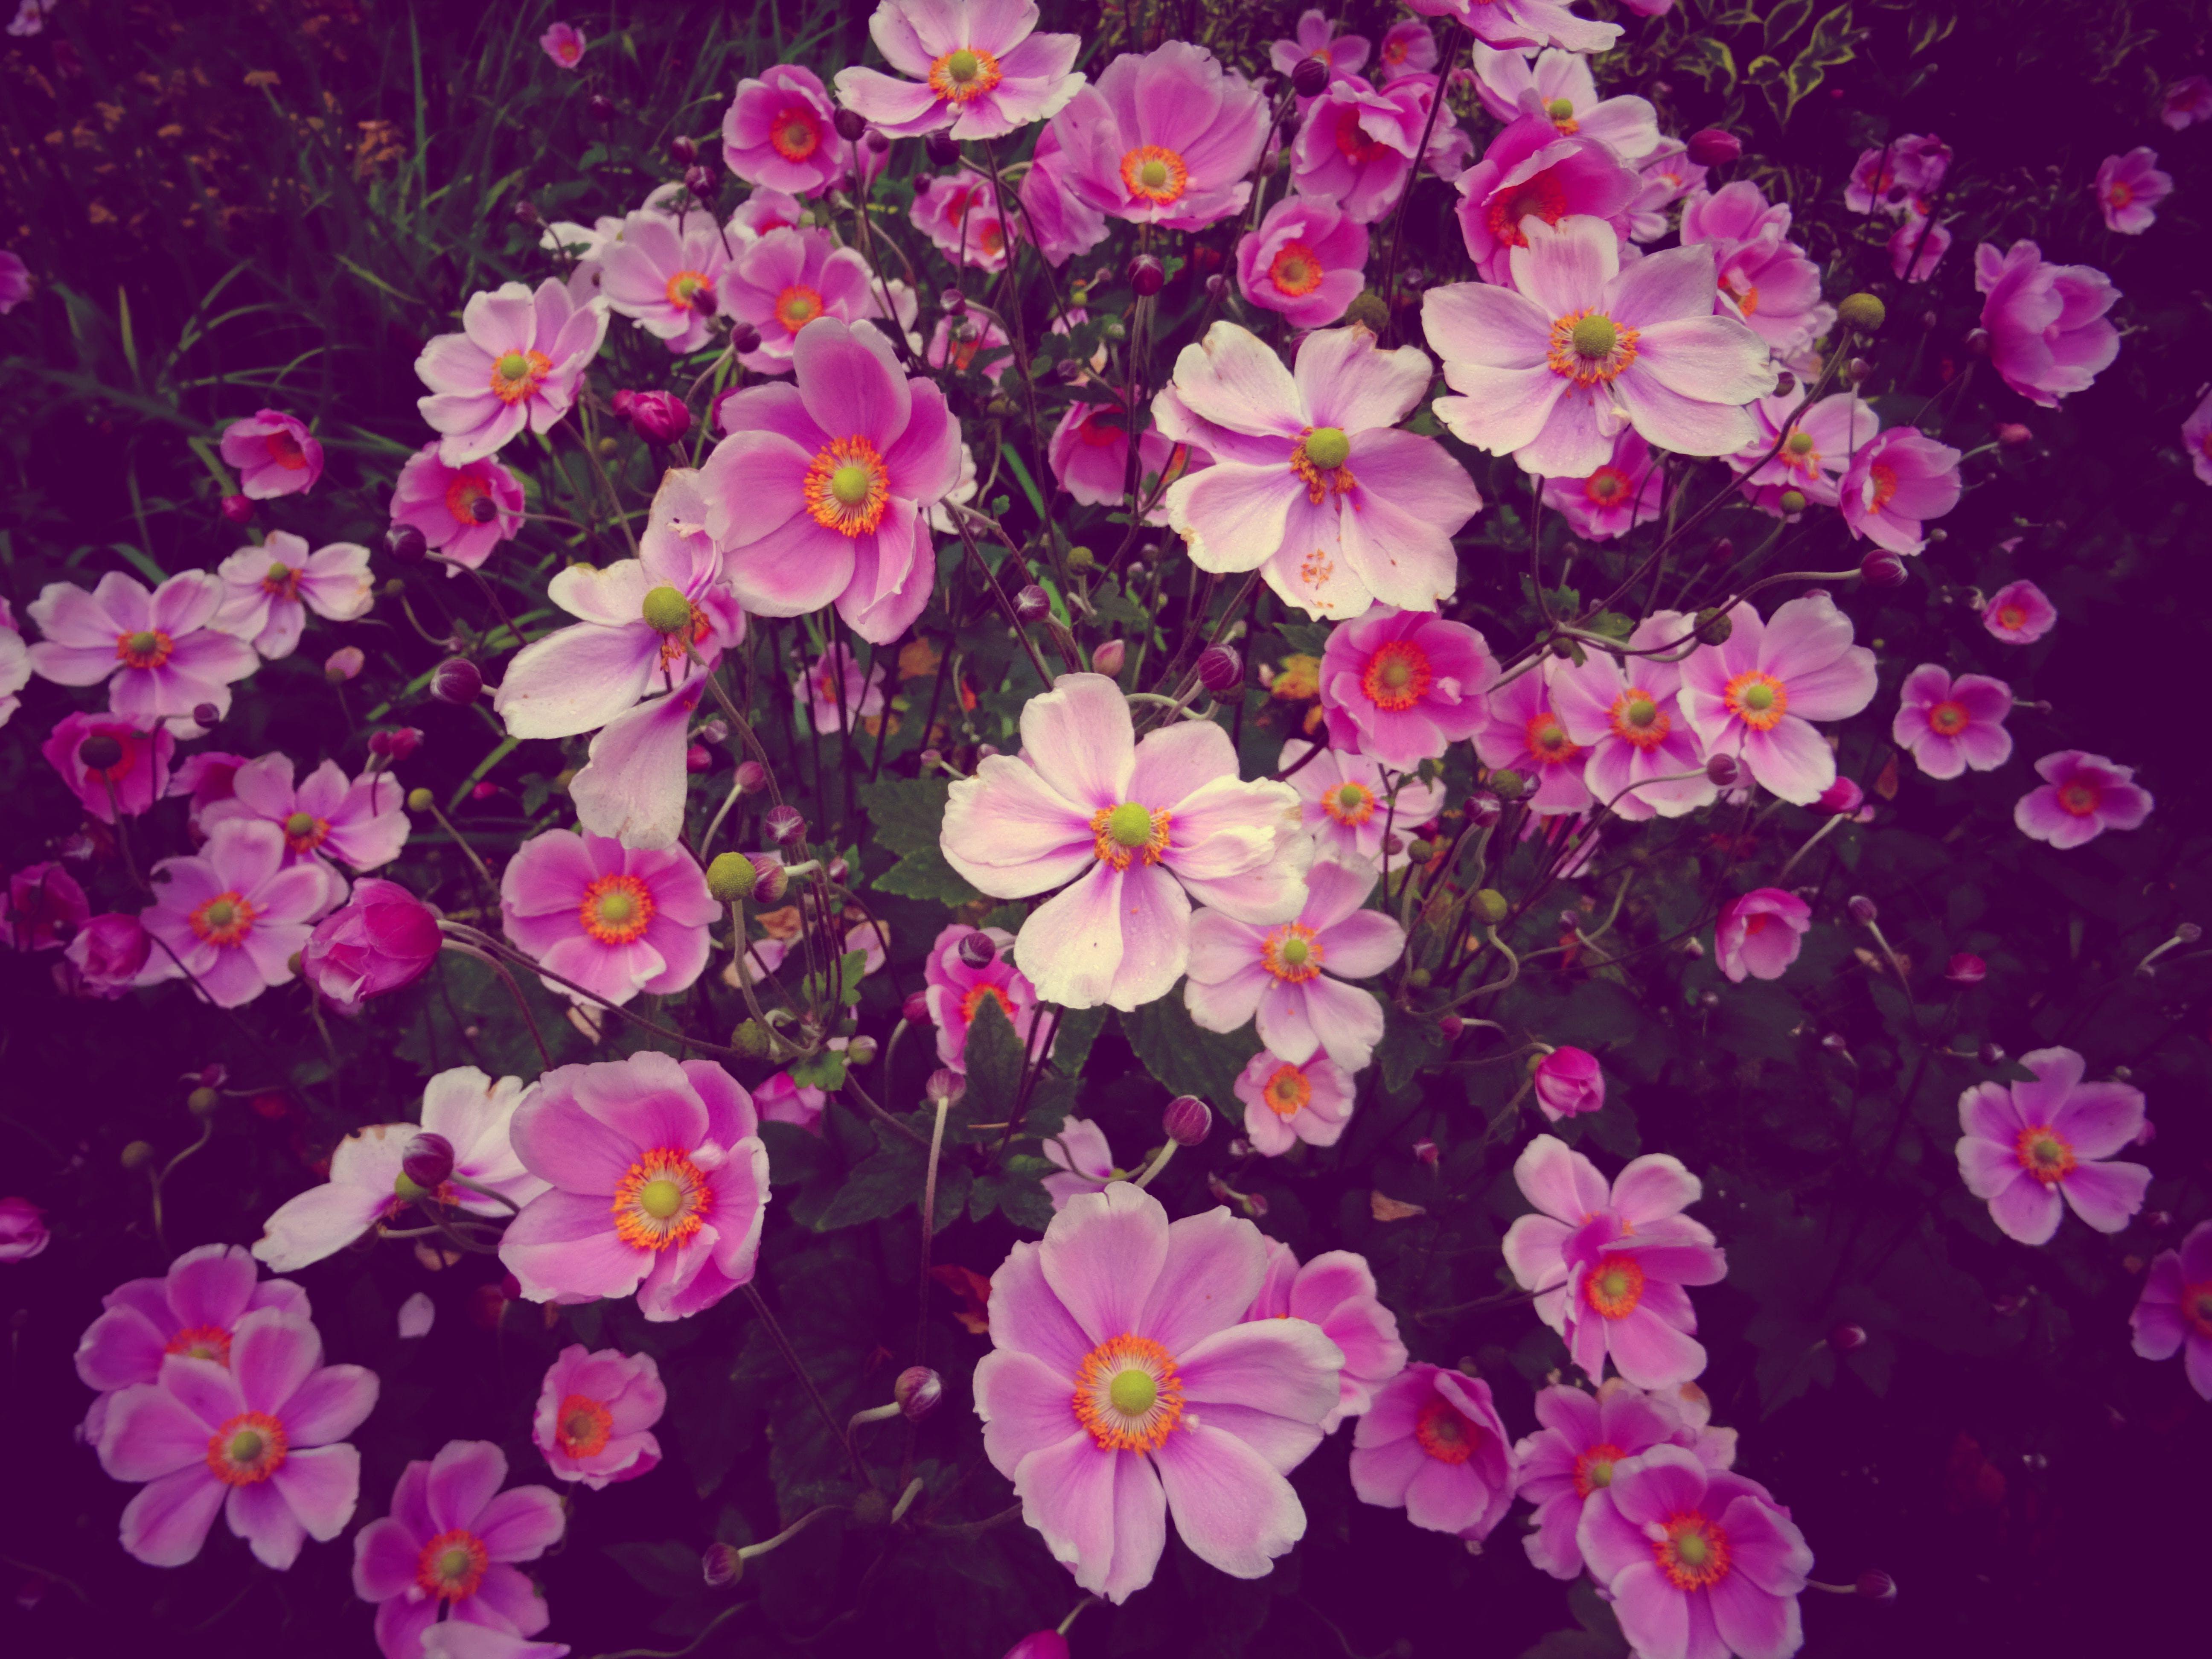 계절, 꽃, 꽃이 피는